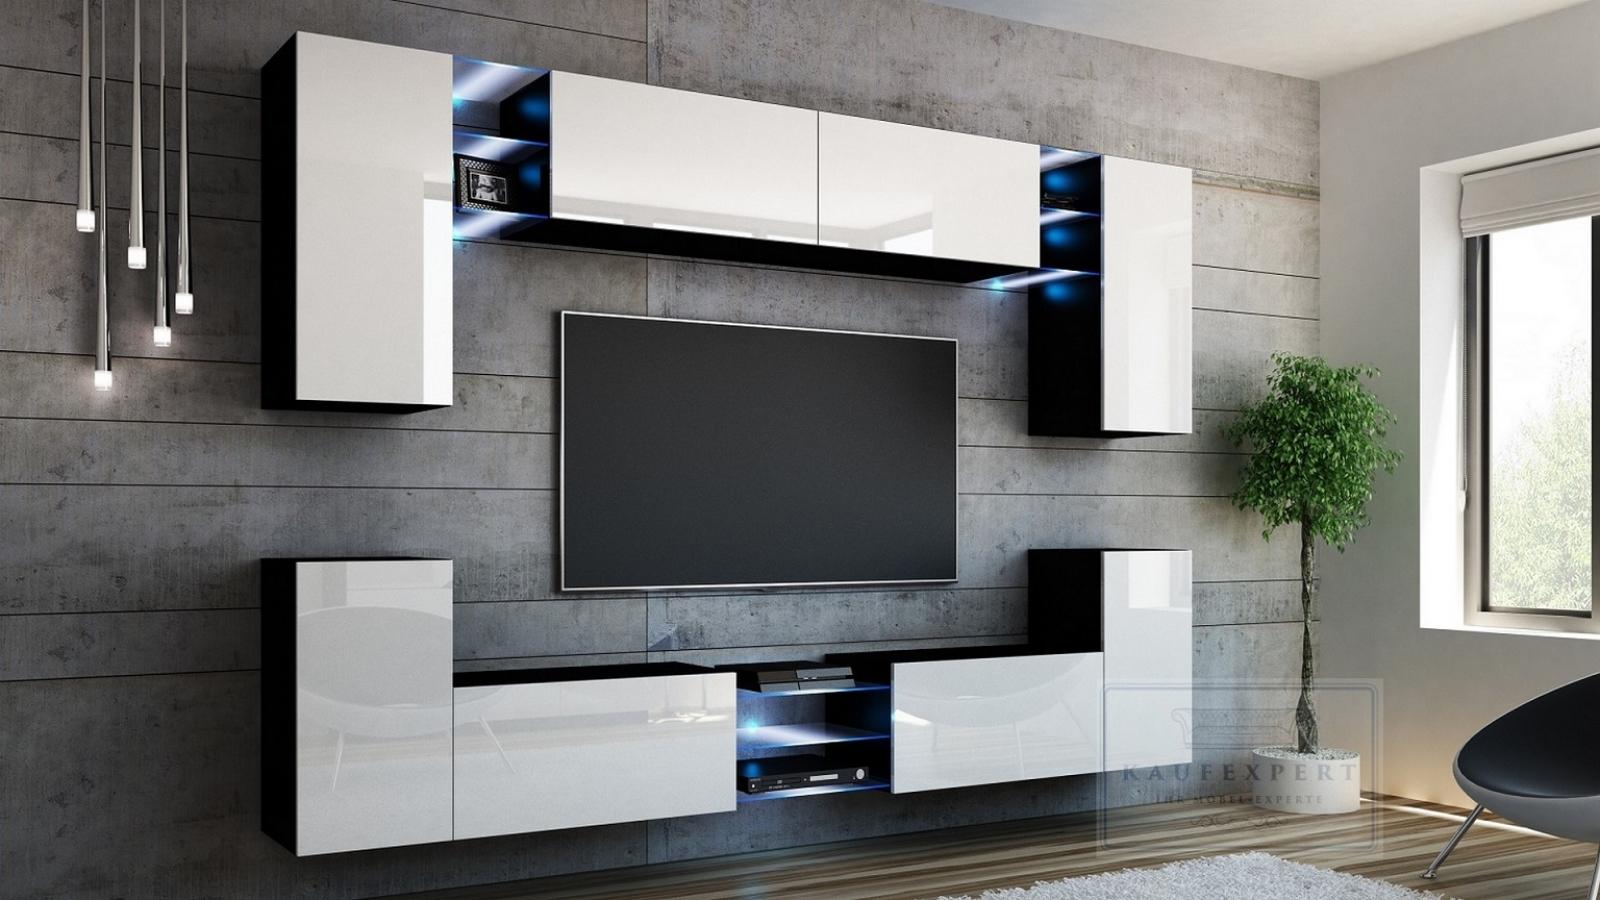 Wohnwand Splash Weiß Hochglanz Schwarz Mediawand Medienwand Design Modern Led Beleuchtung Mdf Hochglanz Hängewand Hängeschrank Galaxy Tv Wand